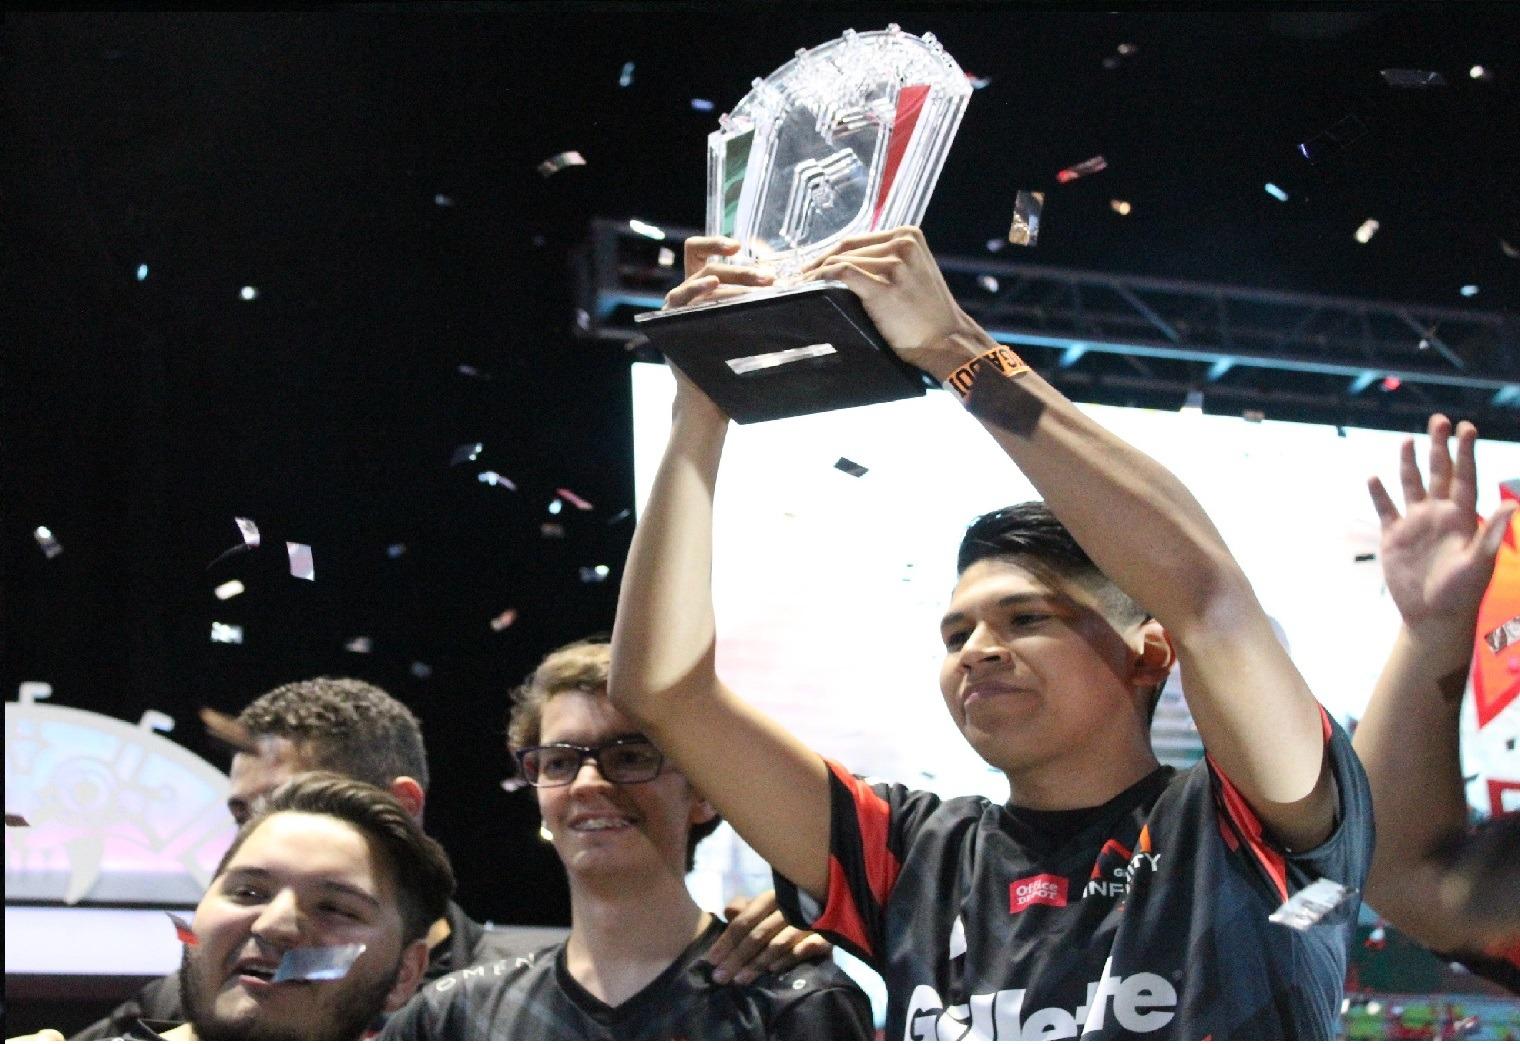 Infinity se corona campeón invicto del primer Campeonato Mexicano de Rainbow Six